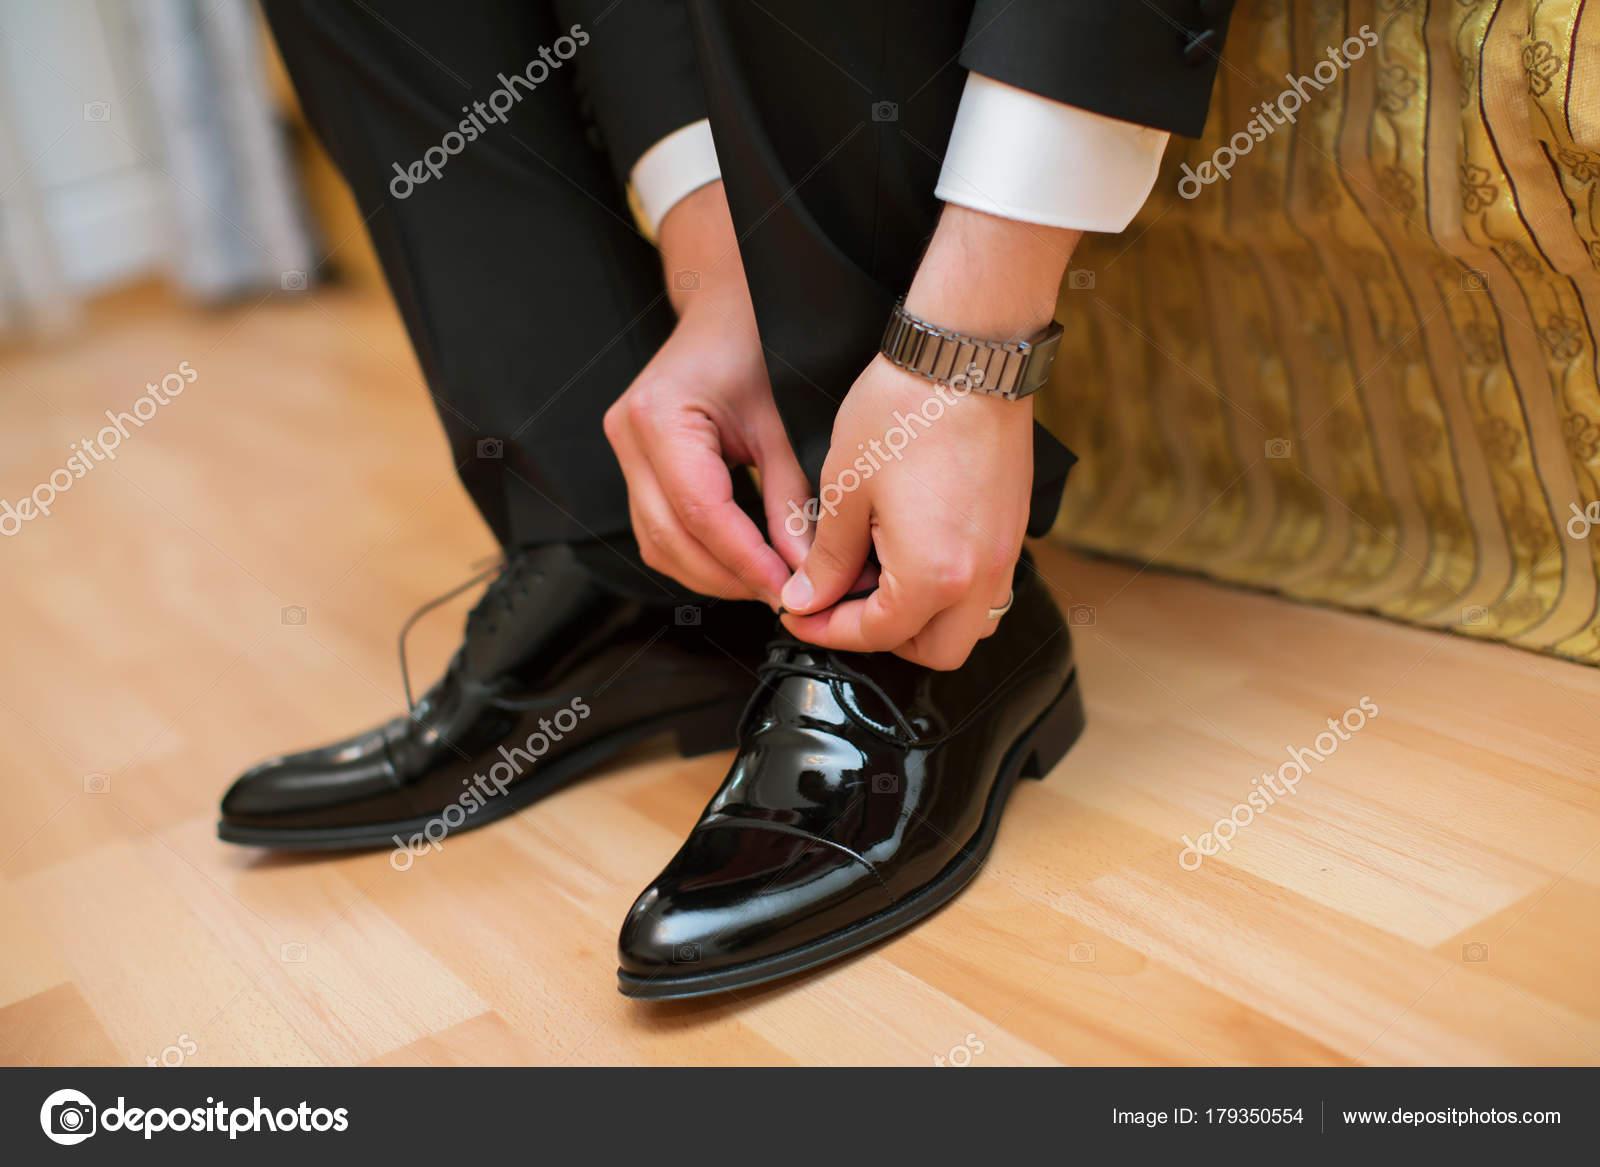 volumen grande vanguardia de los tiempos disfruta de precio barato Hombres zapatos negro y preparan para la boda. cierra los ...